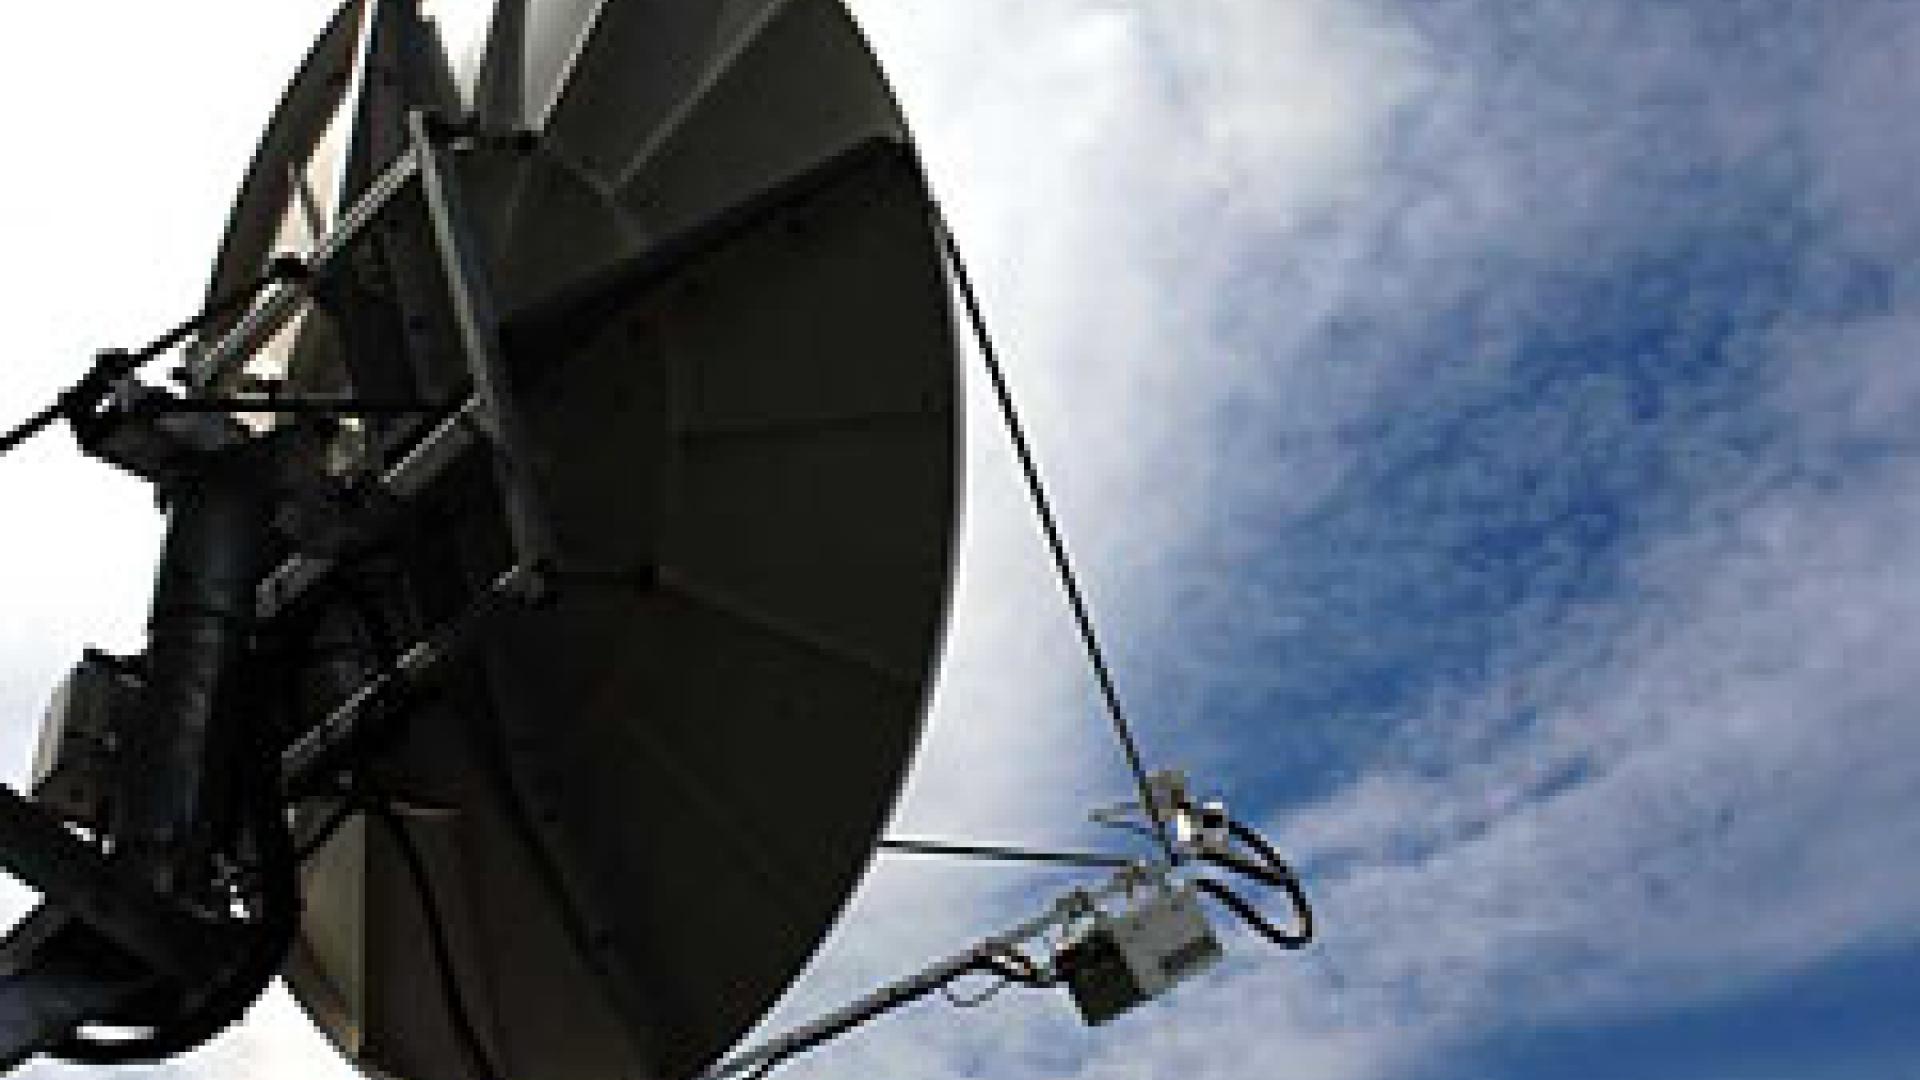 Nuclear Monitoring Extends Reach Through the Skies | IAEA